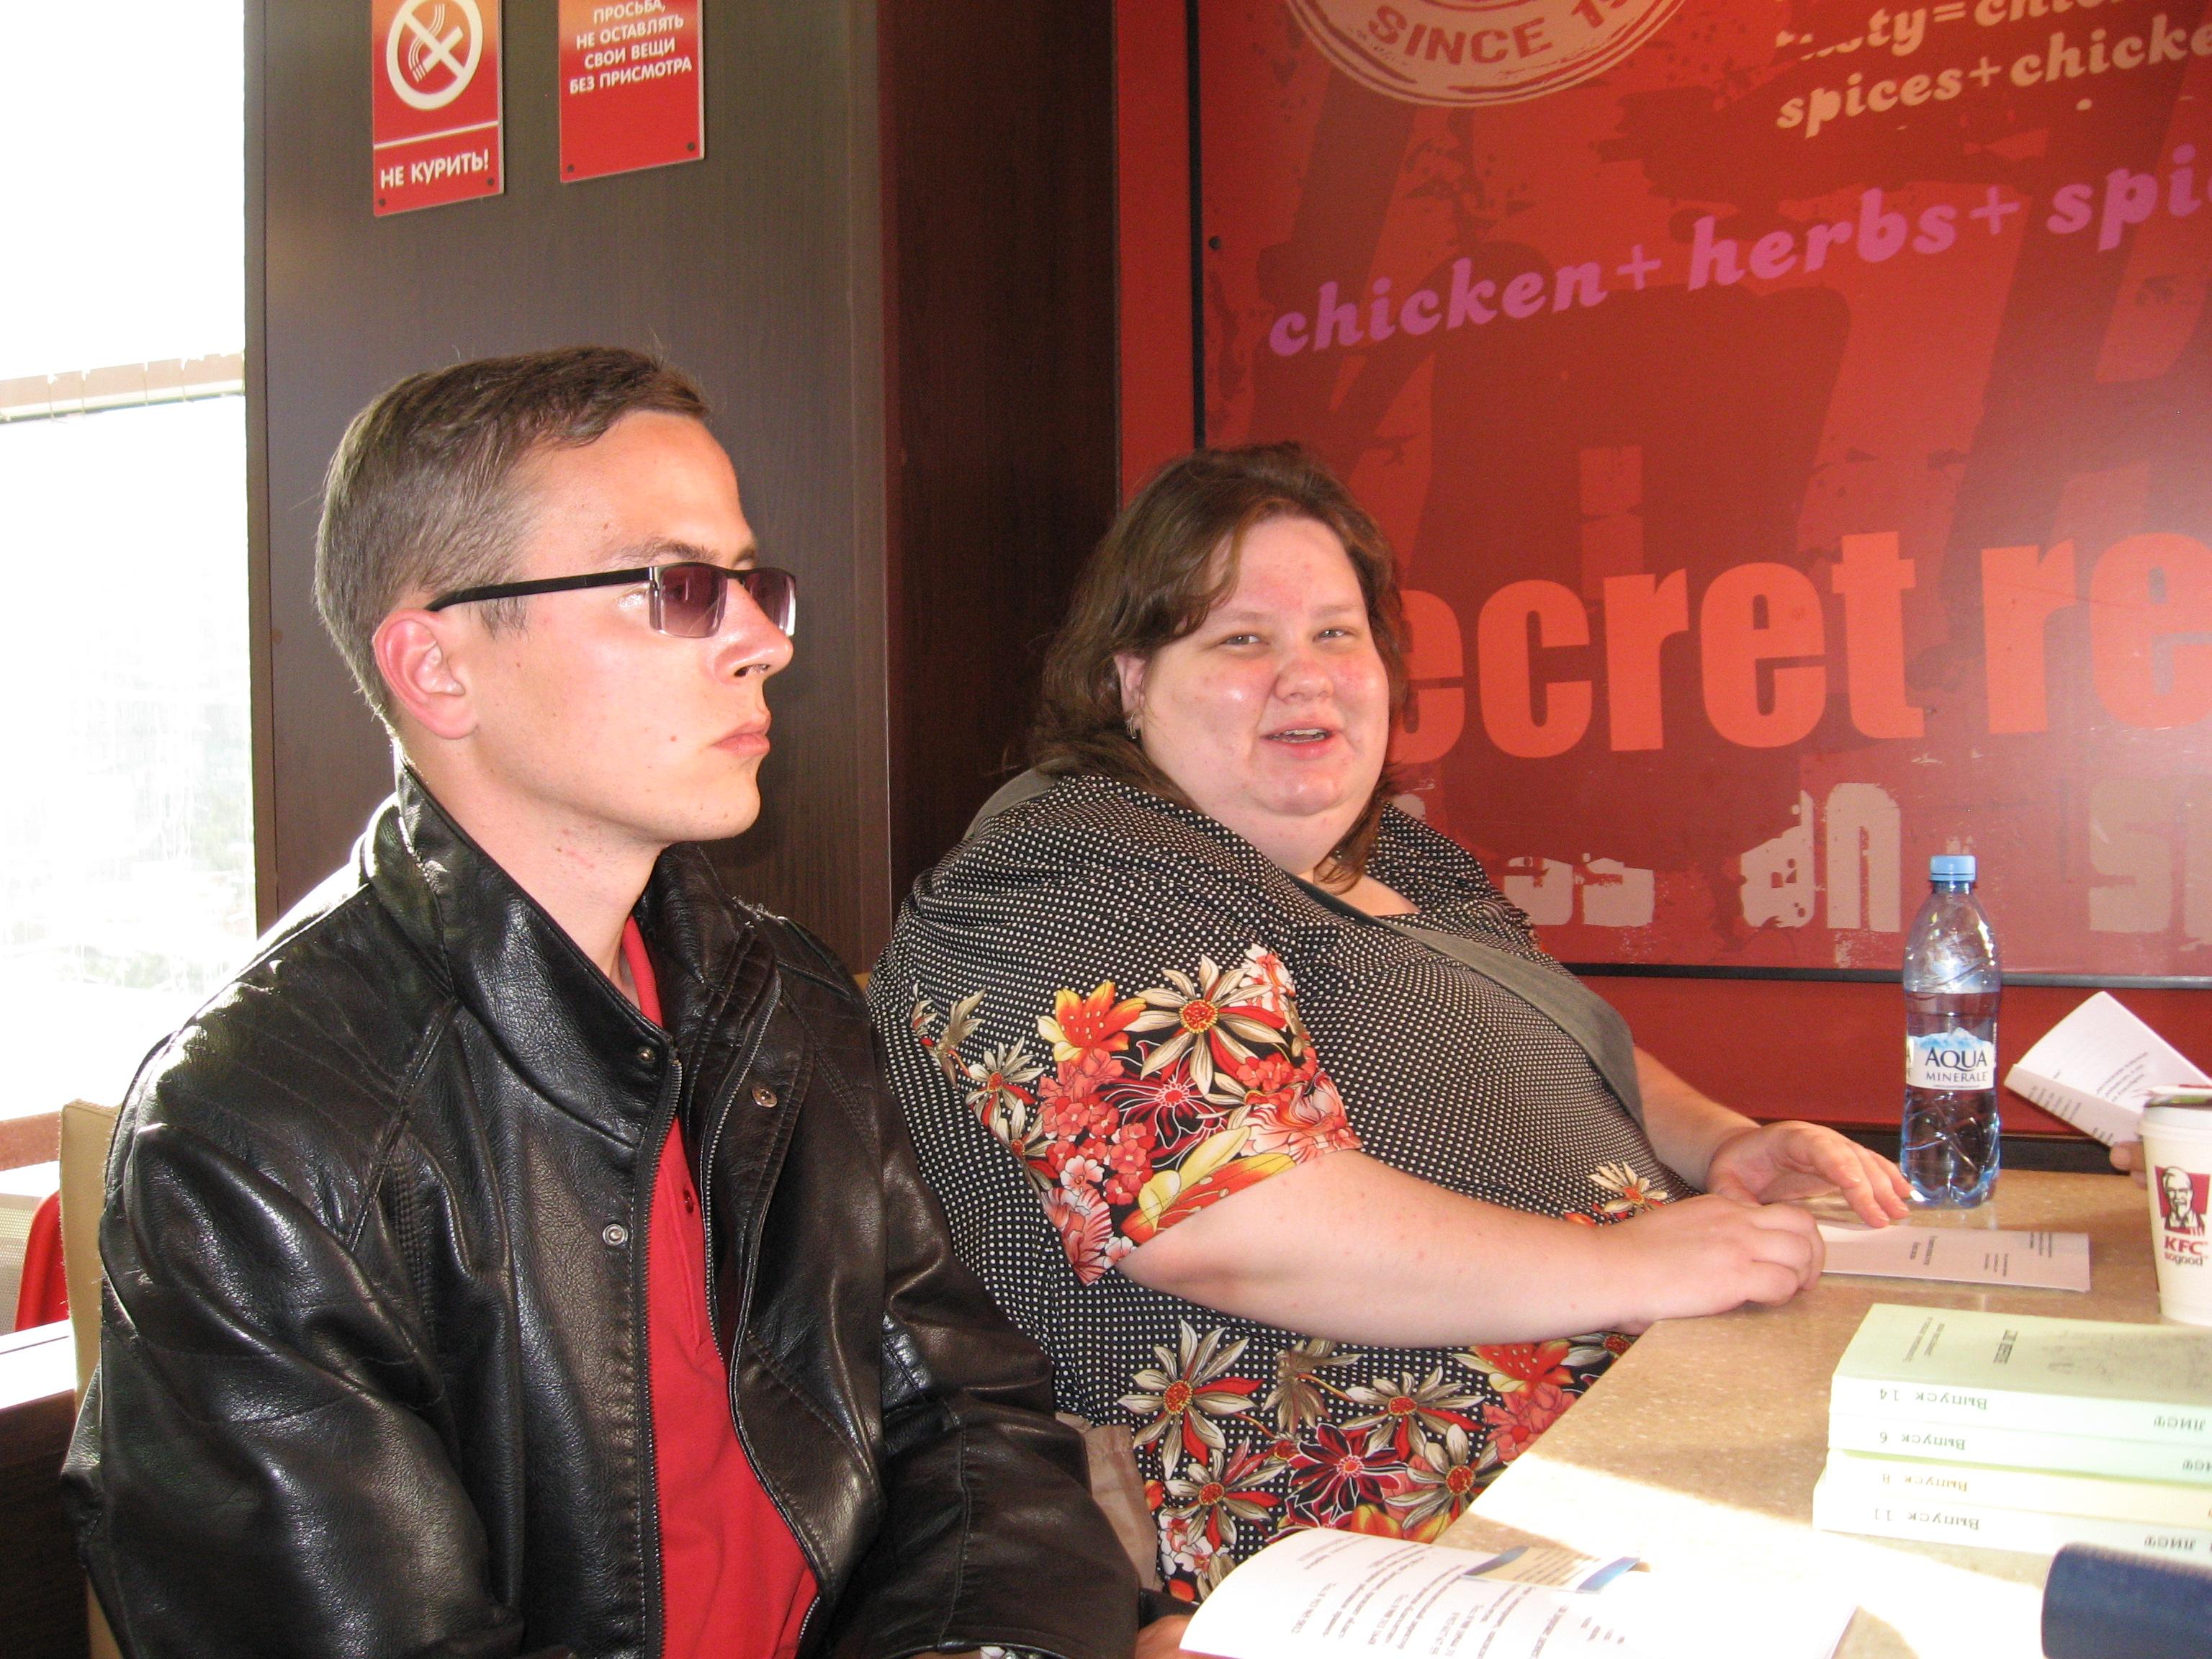 Омский редактор Иван Таран и его помощница, менеджер по работе с авторами Анастасия Орлова открывают новую колонку в своём коммерческом литературно-публицистическом проекте «Бульвар Зелёный».